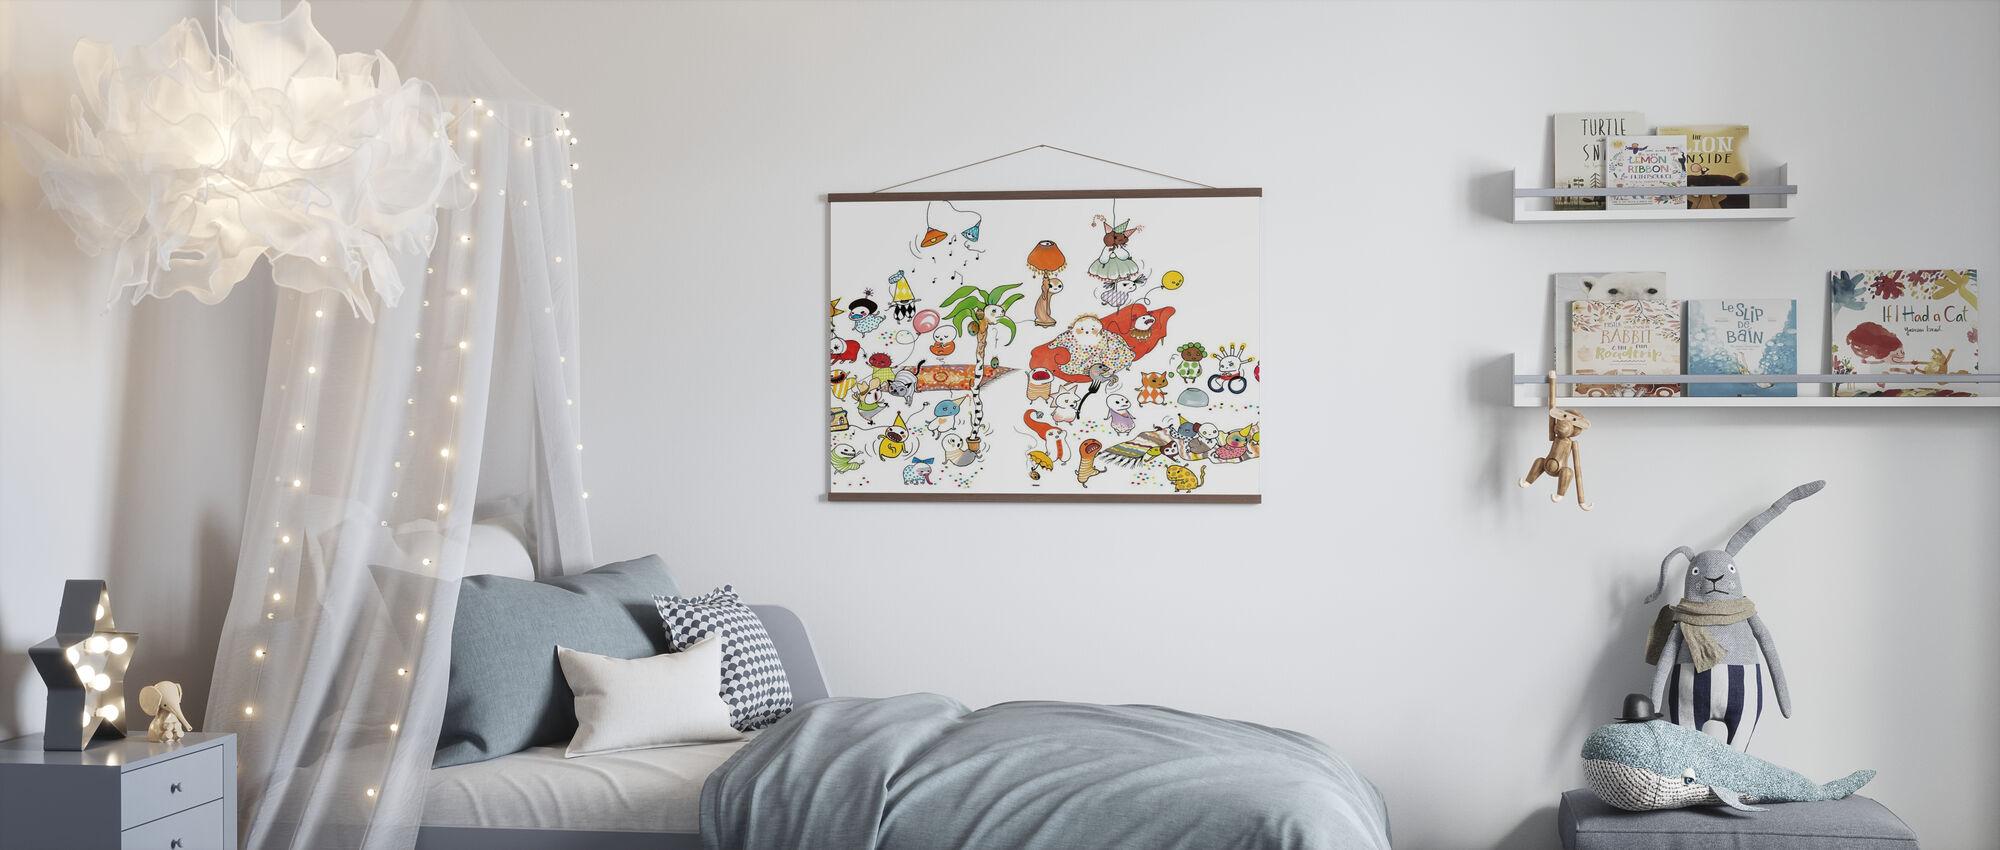 Fisso XL - Poster - Camera dei bambini